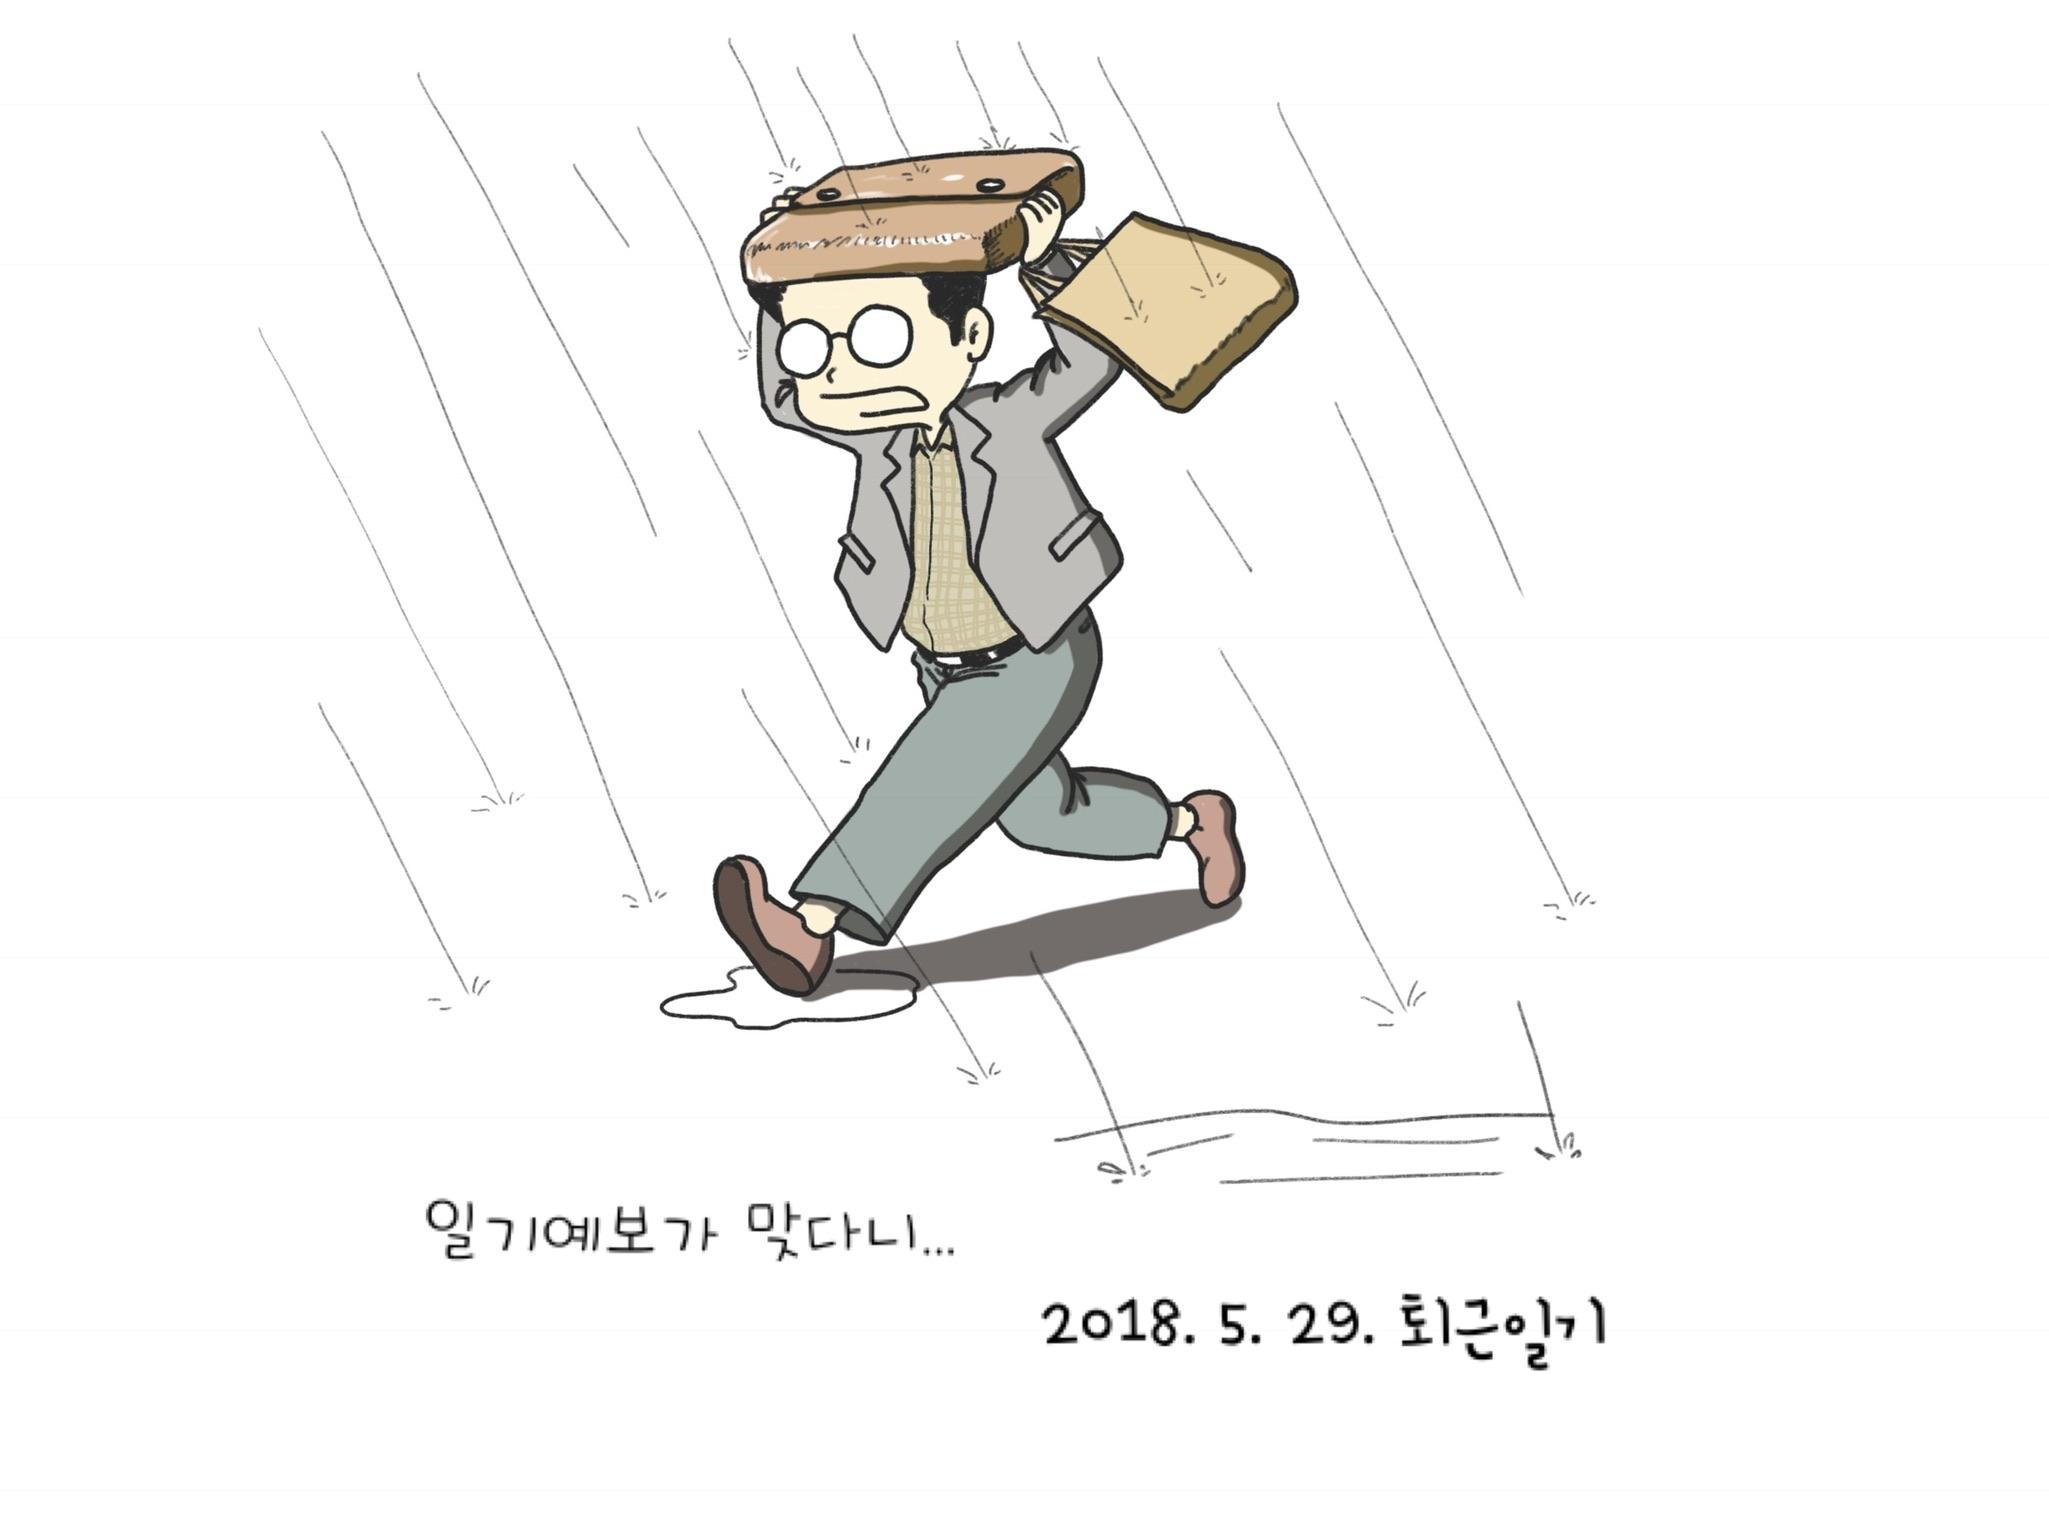 박군의 퇴근일기 5. 29 - 일기예보